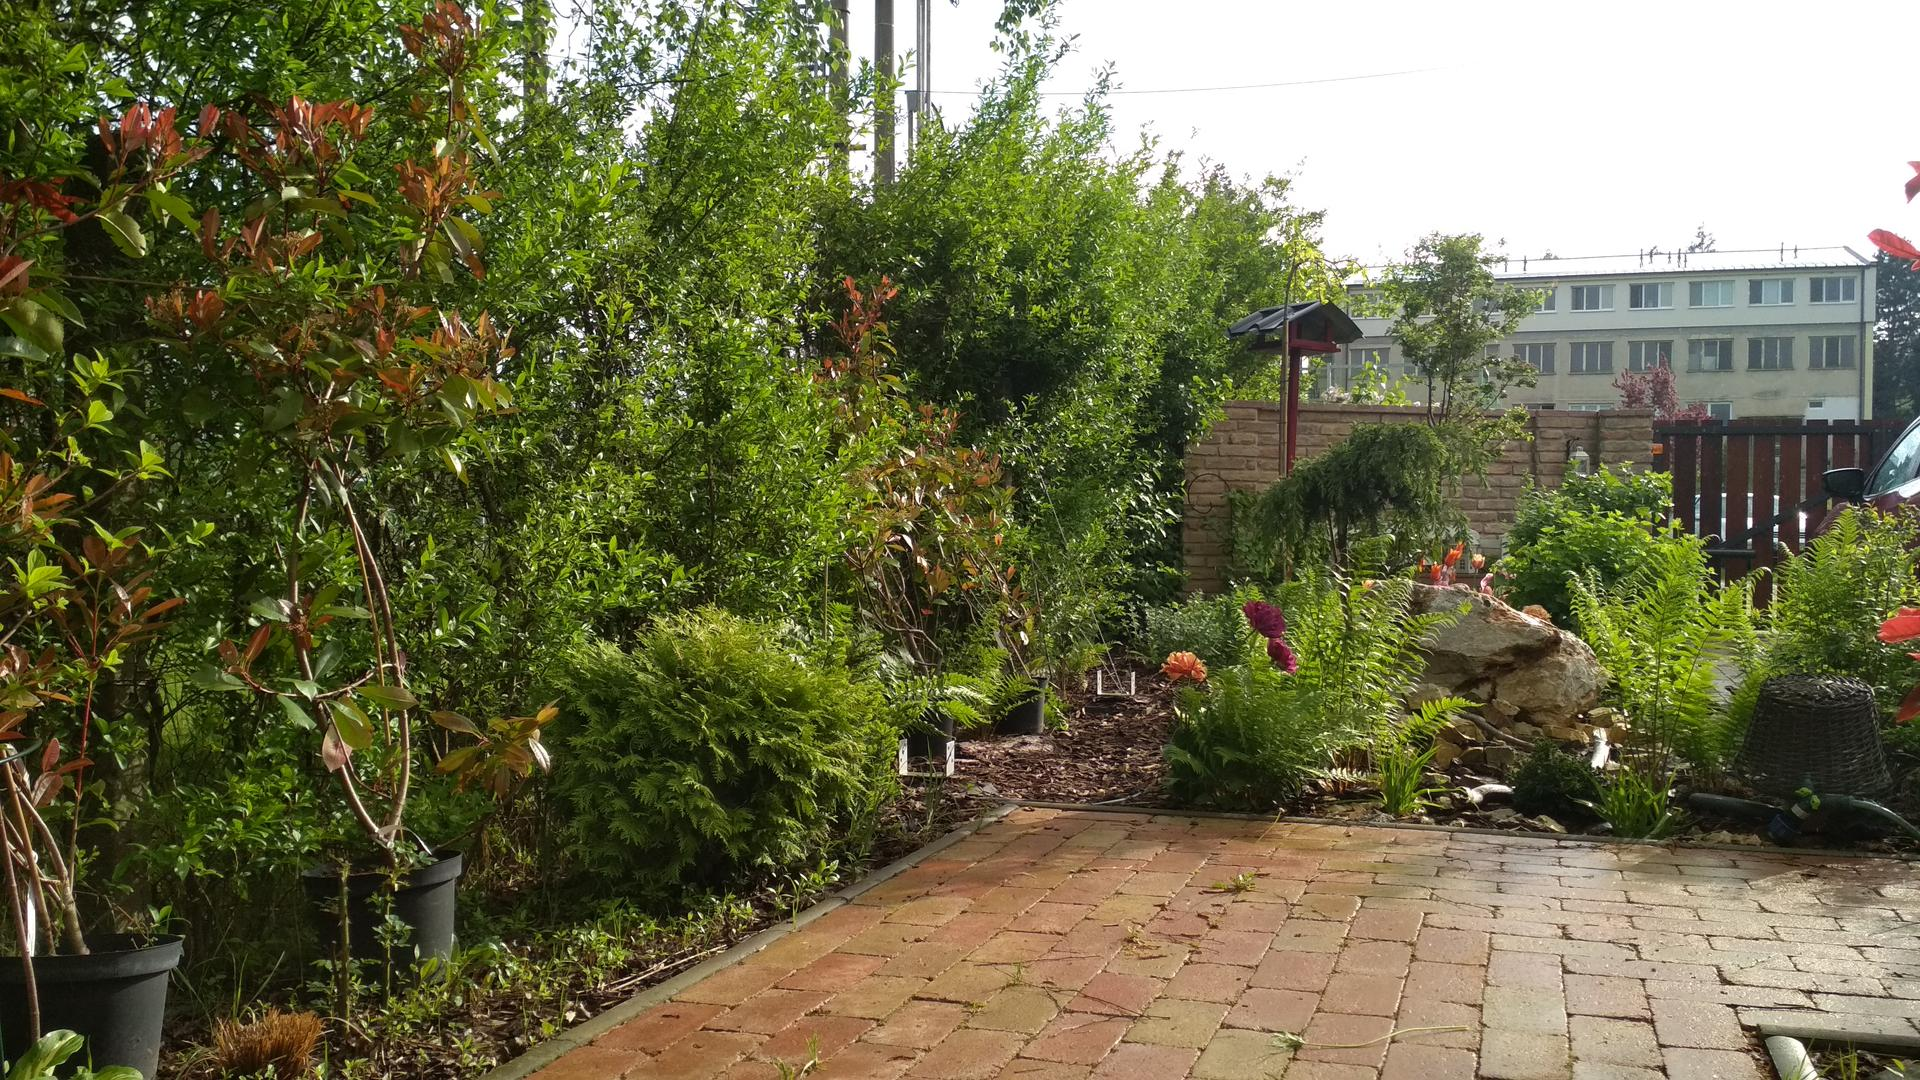 záhrada vidiecka, farebná rok 2021 - Obrázok č. 59